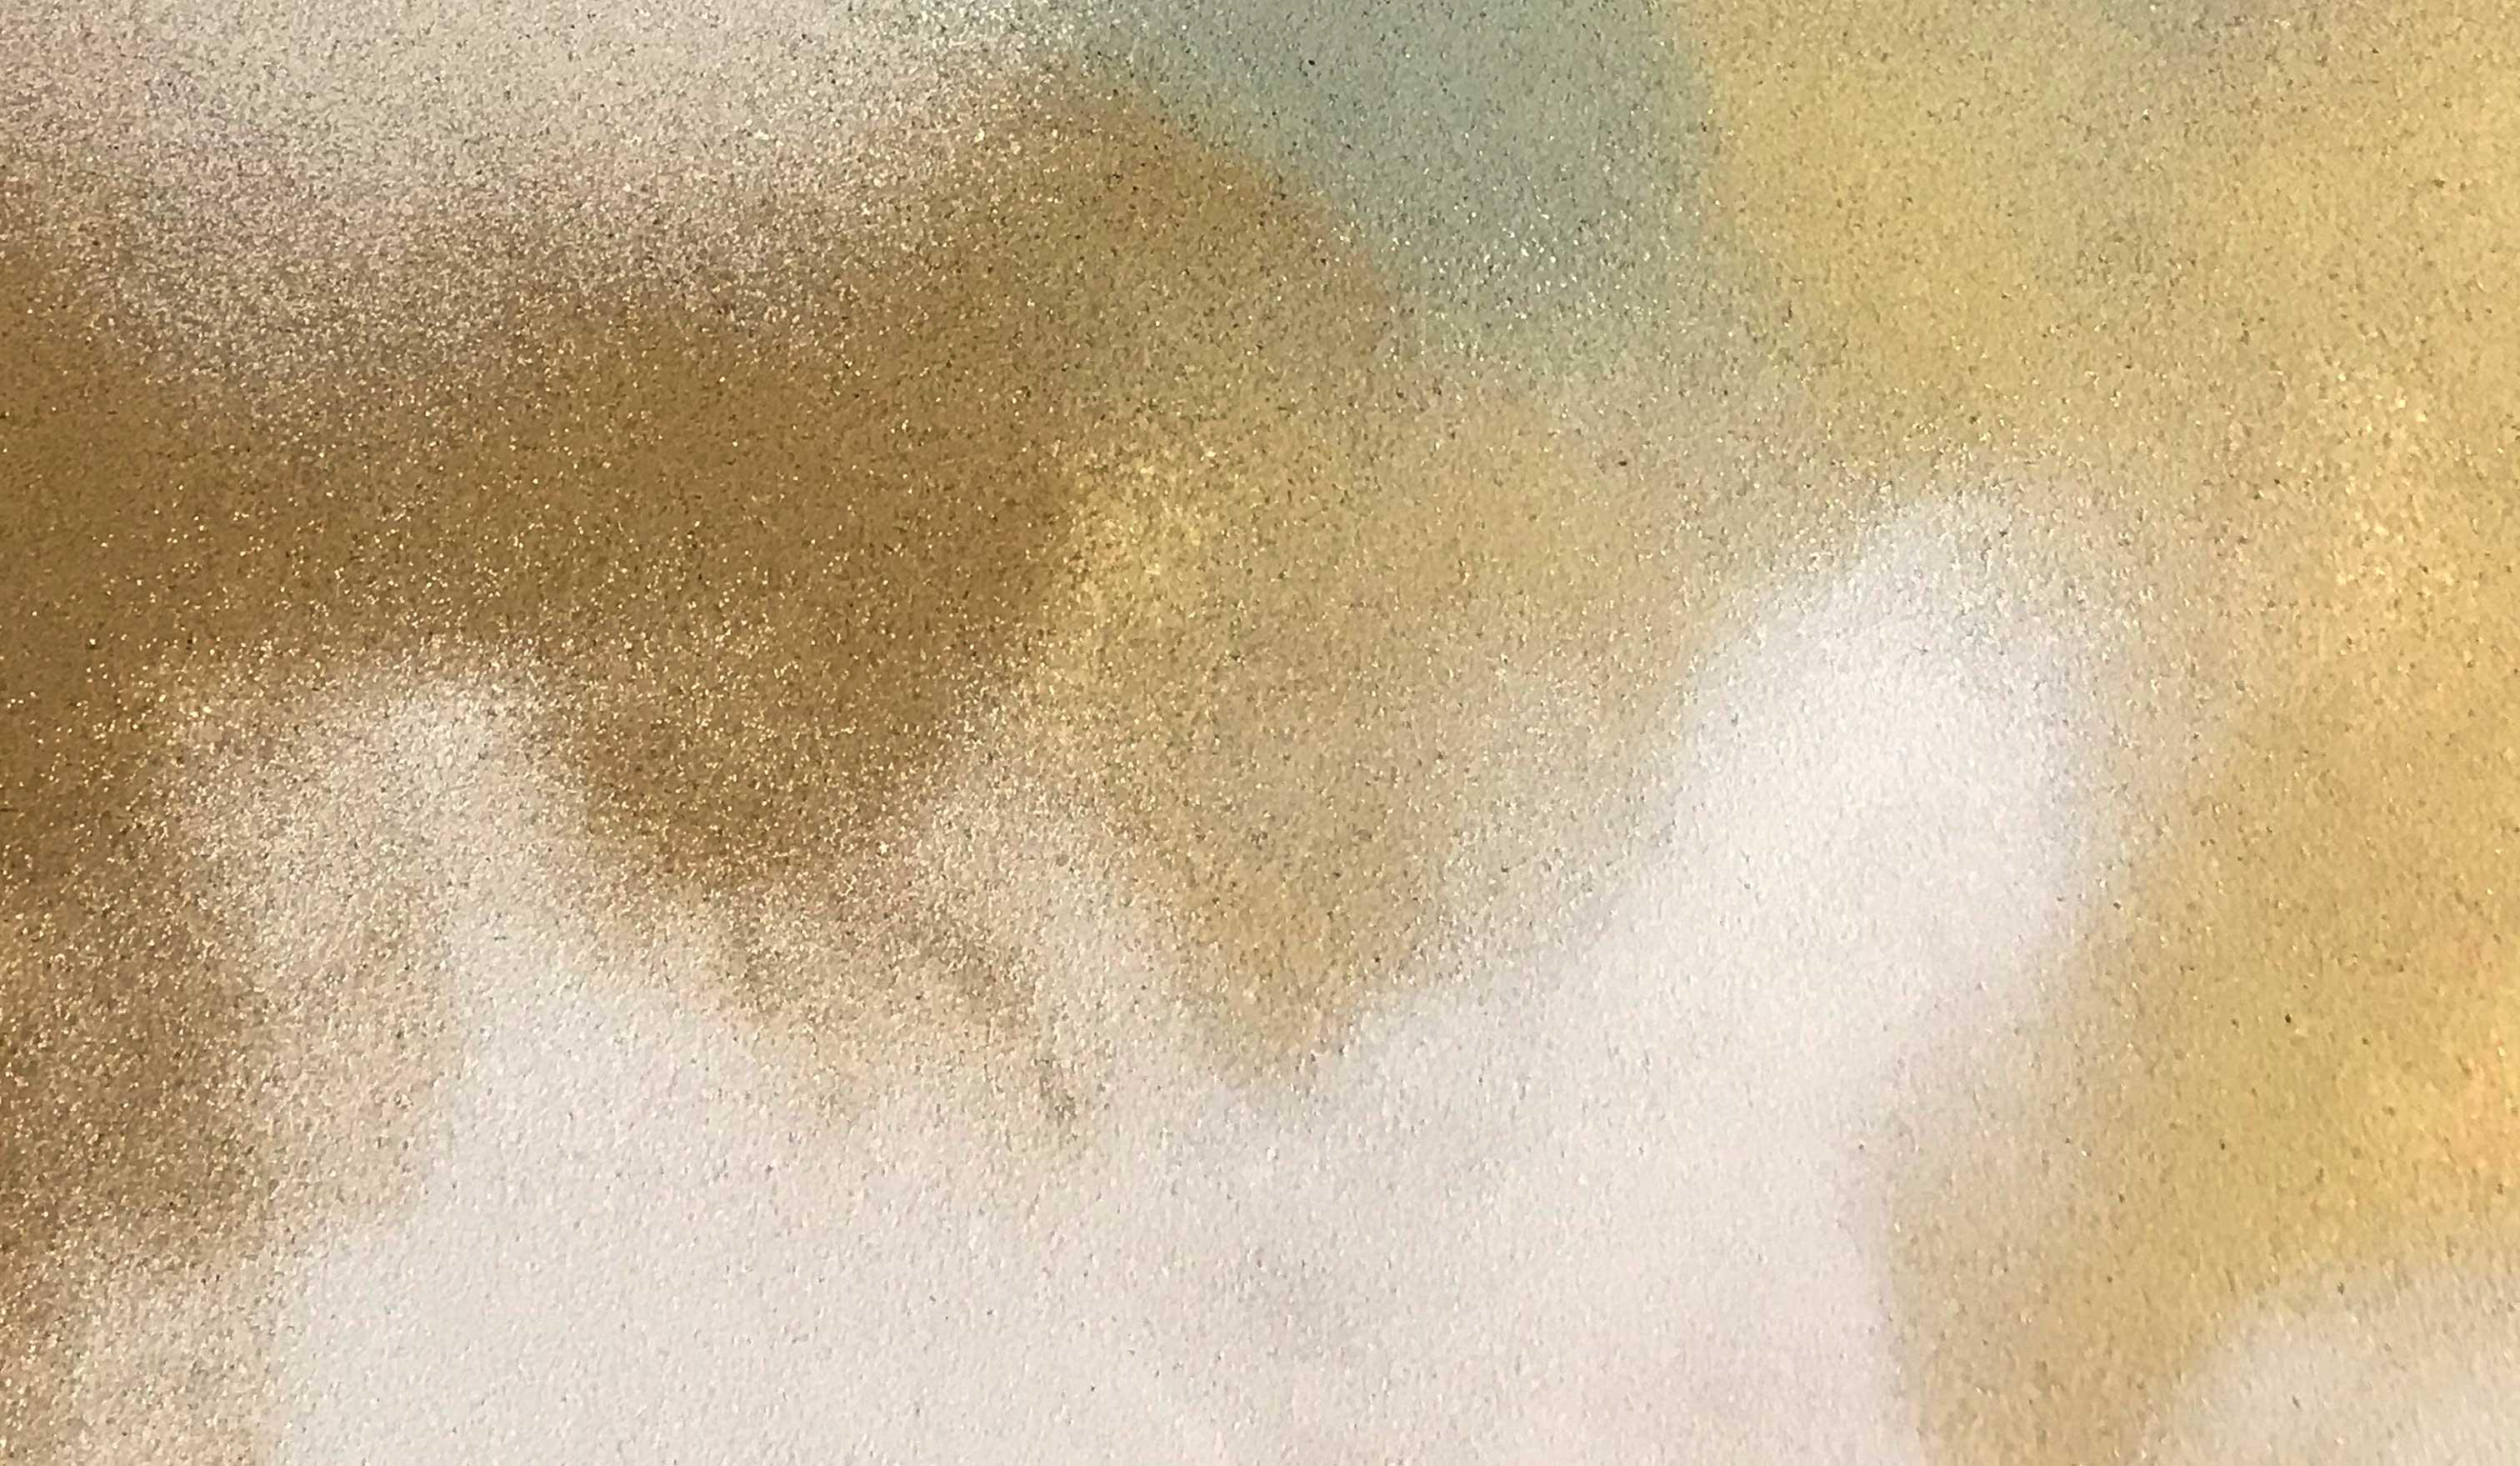 Dans-la-poussière,-les-abeilles-et-le-pétrole-font-la-lumière